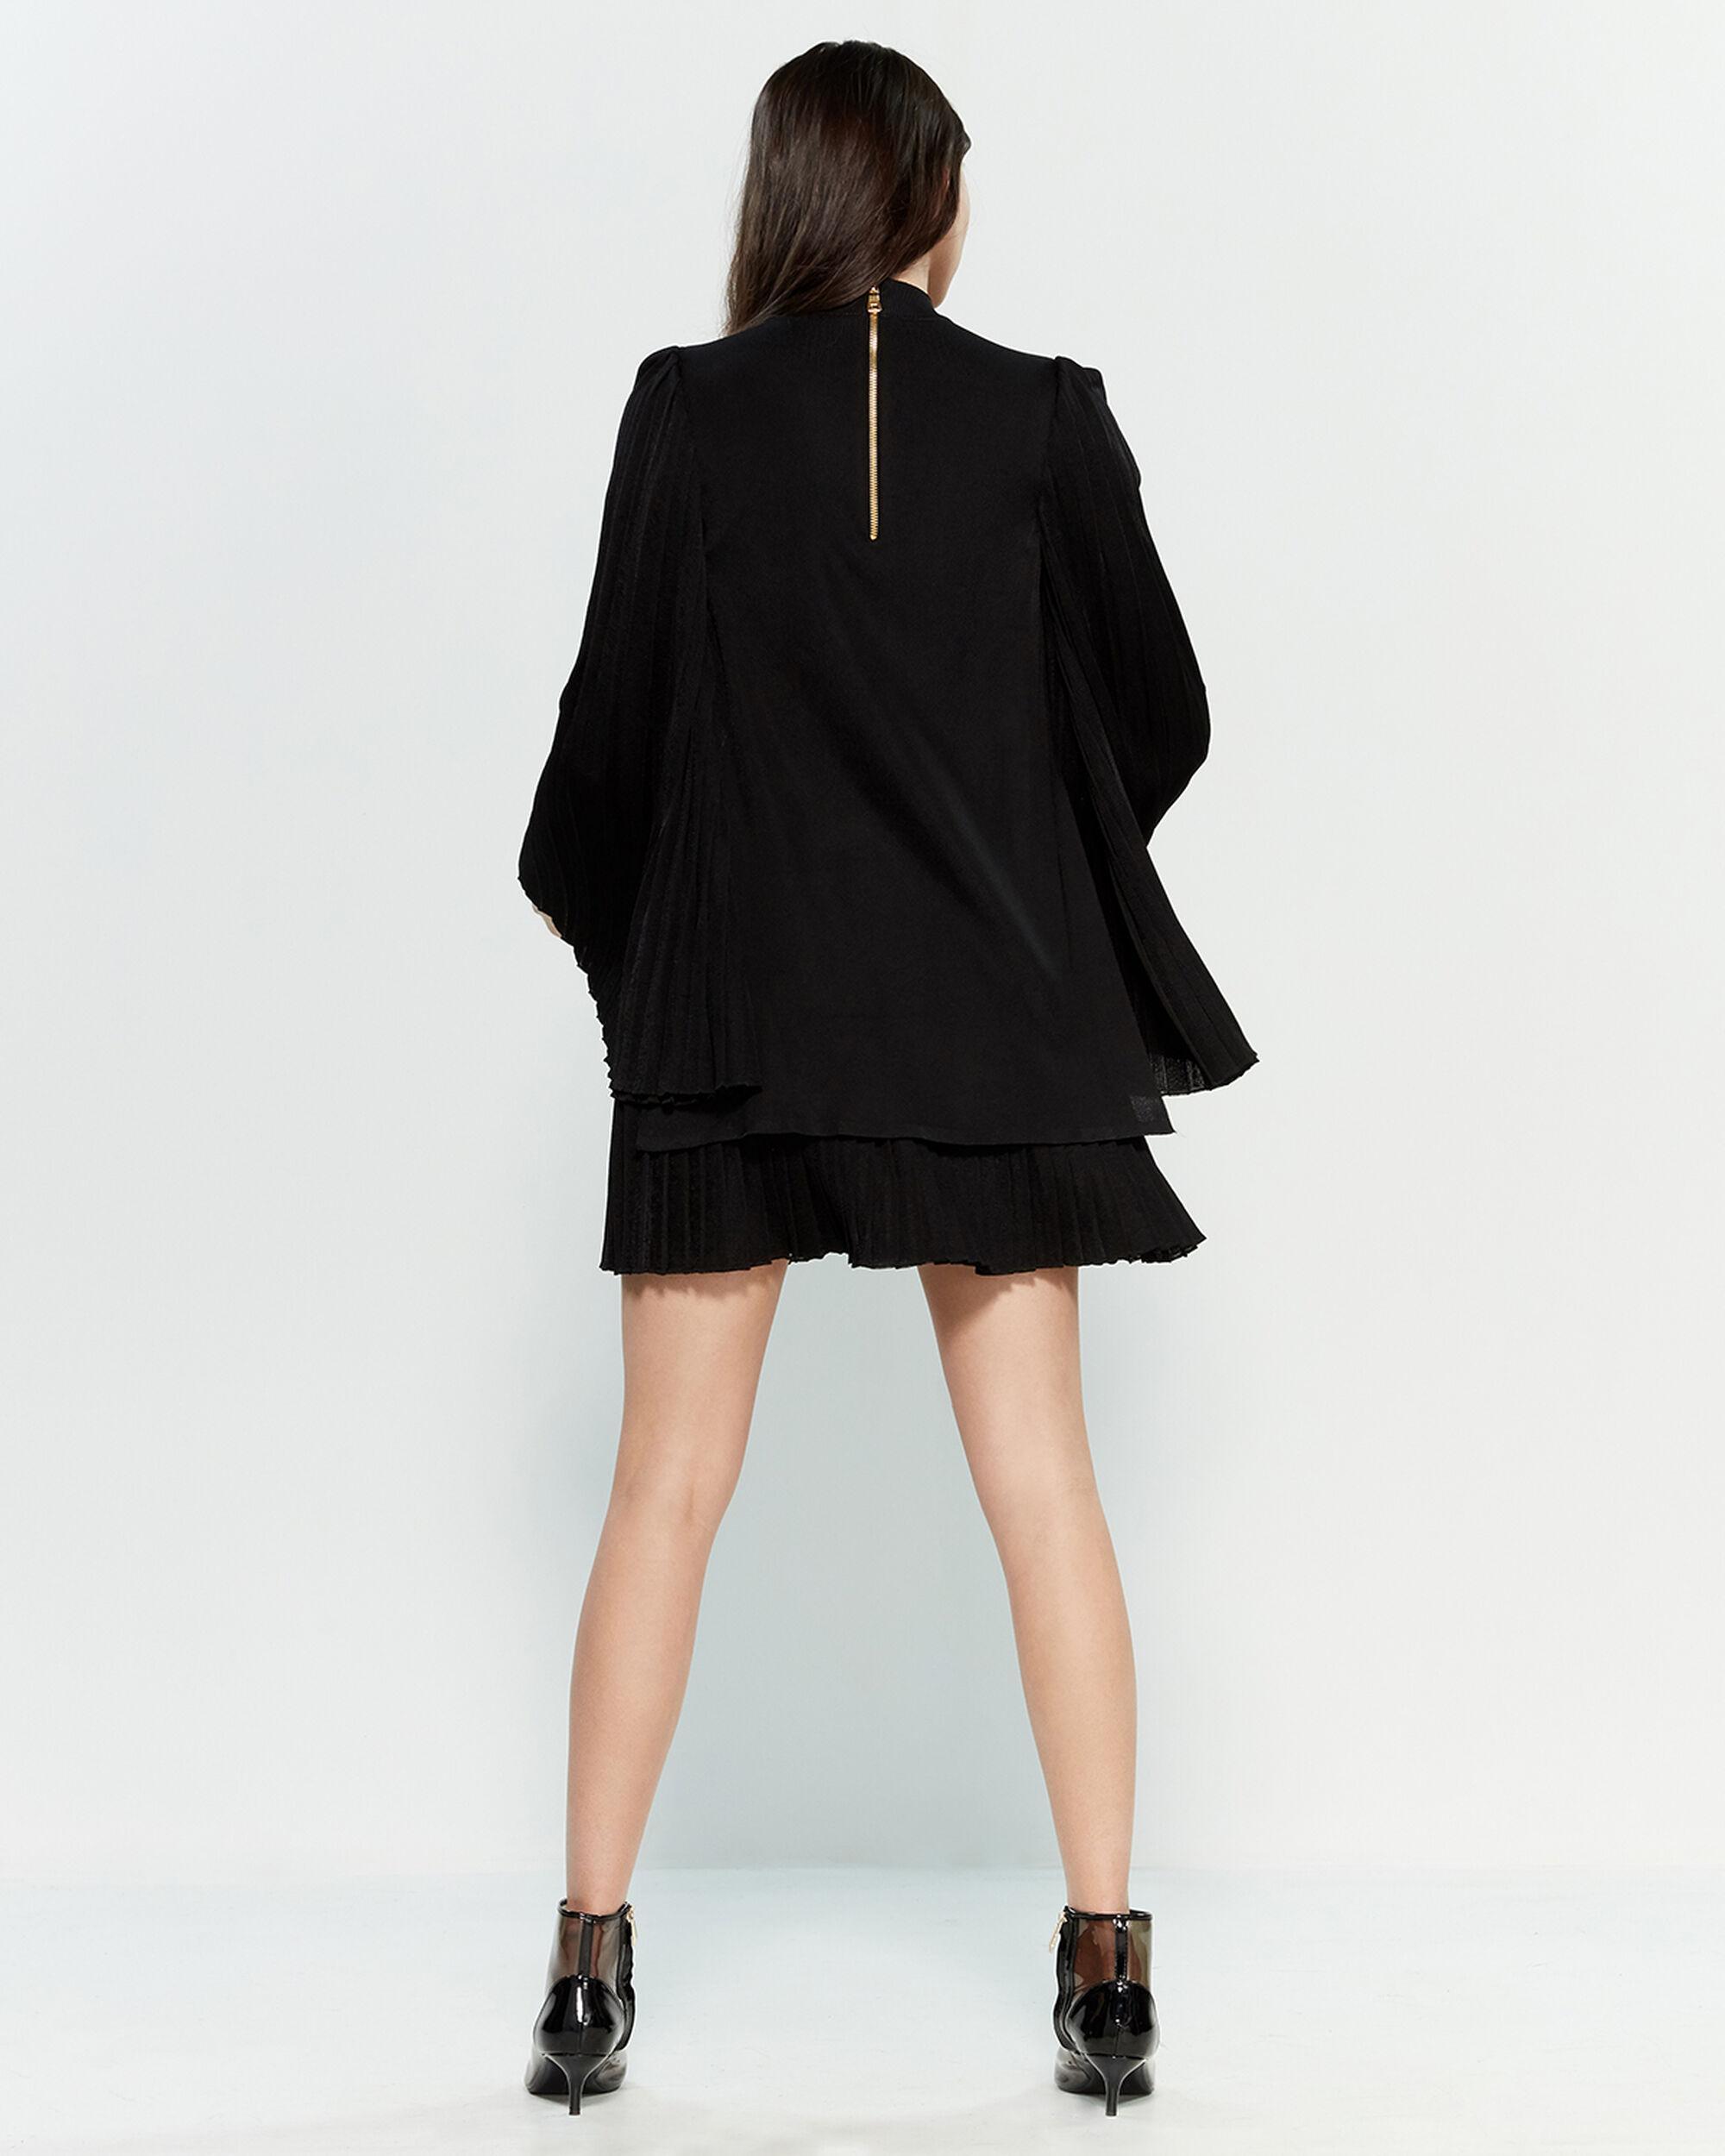 d14e6baf Balmain Black Pleated Knit Mini Dress in Black - Lyst